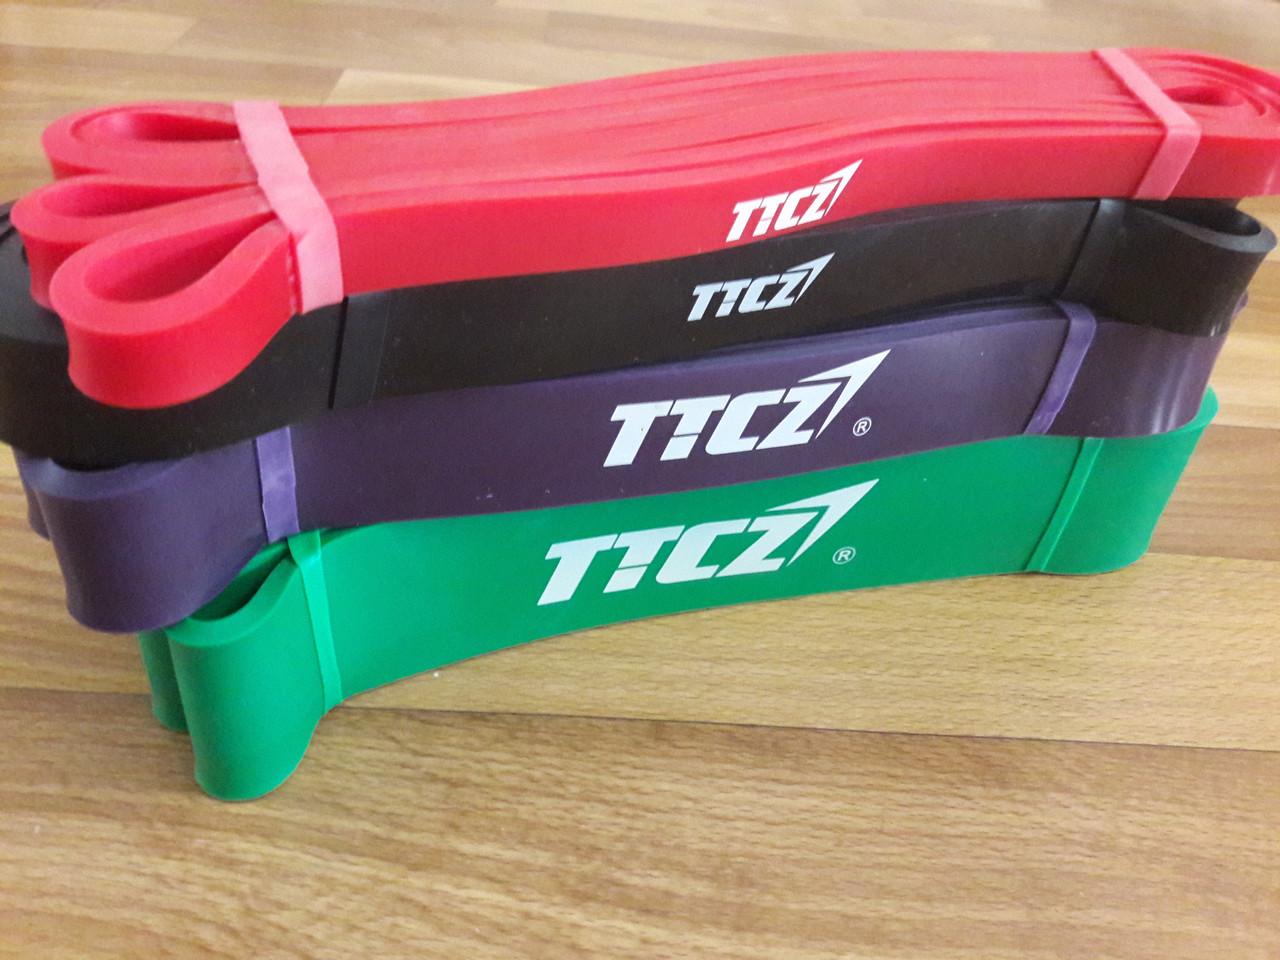 Резиновые петли,резина для подтягивания комплект 4 шт  + подарок желтая петля TTCZ